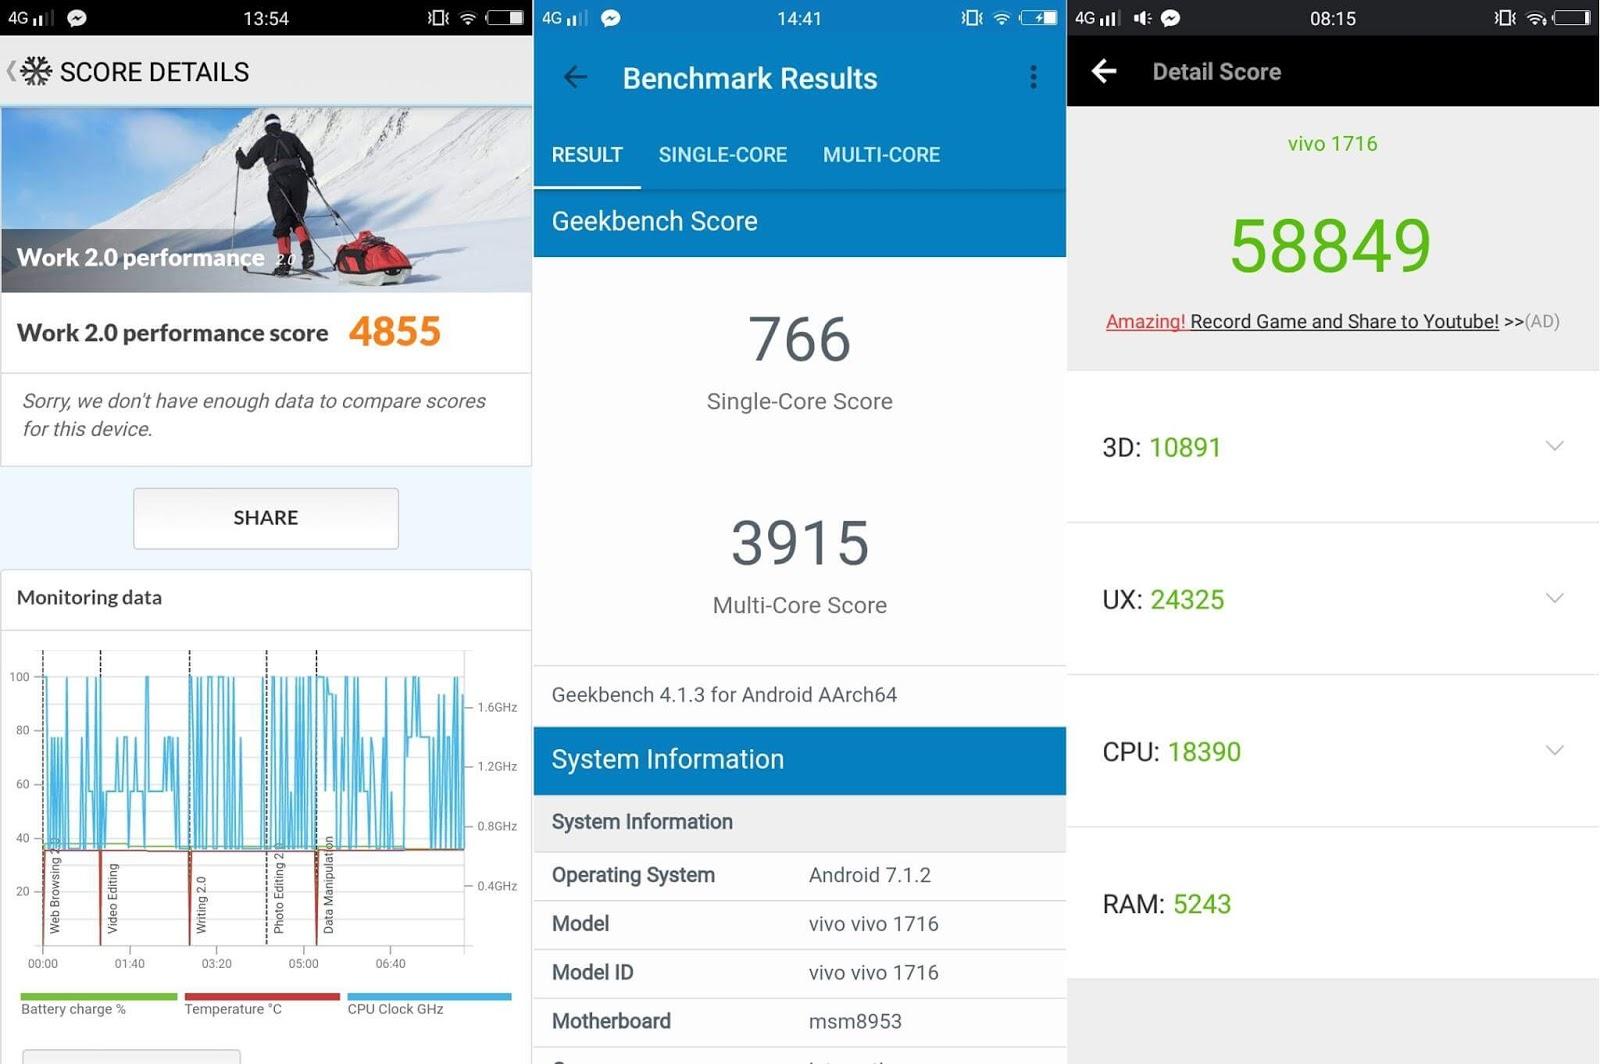 Vivo V7+ Benchmark Scores